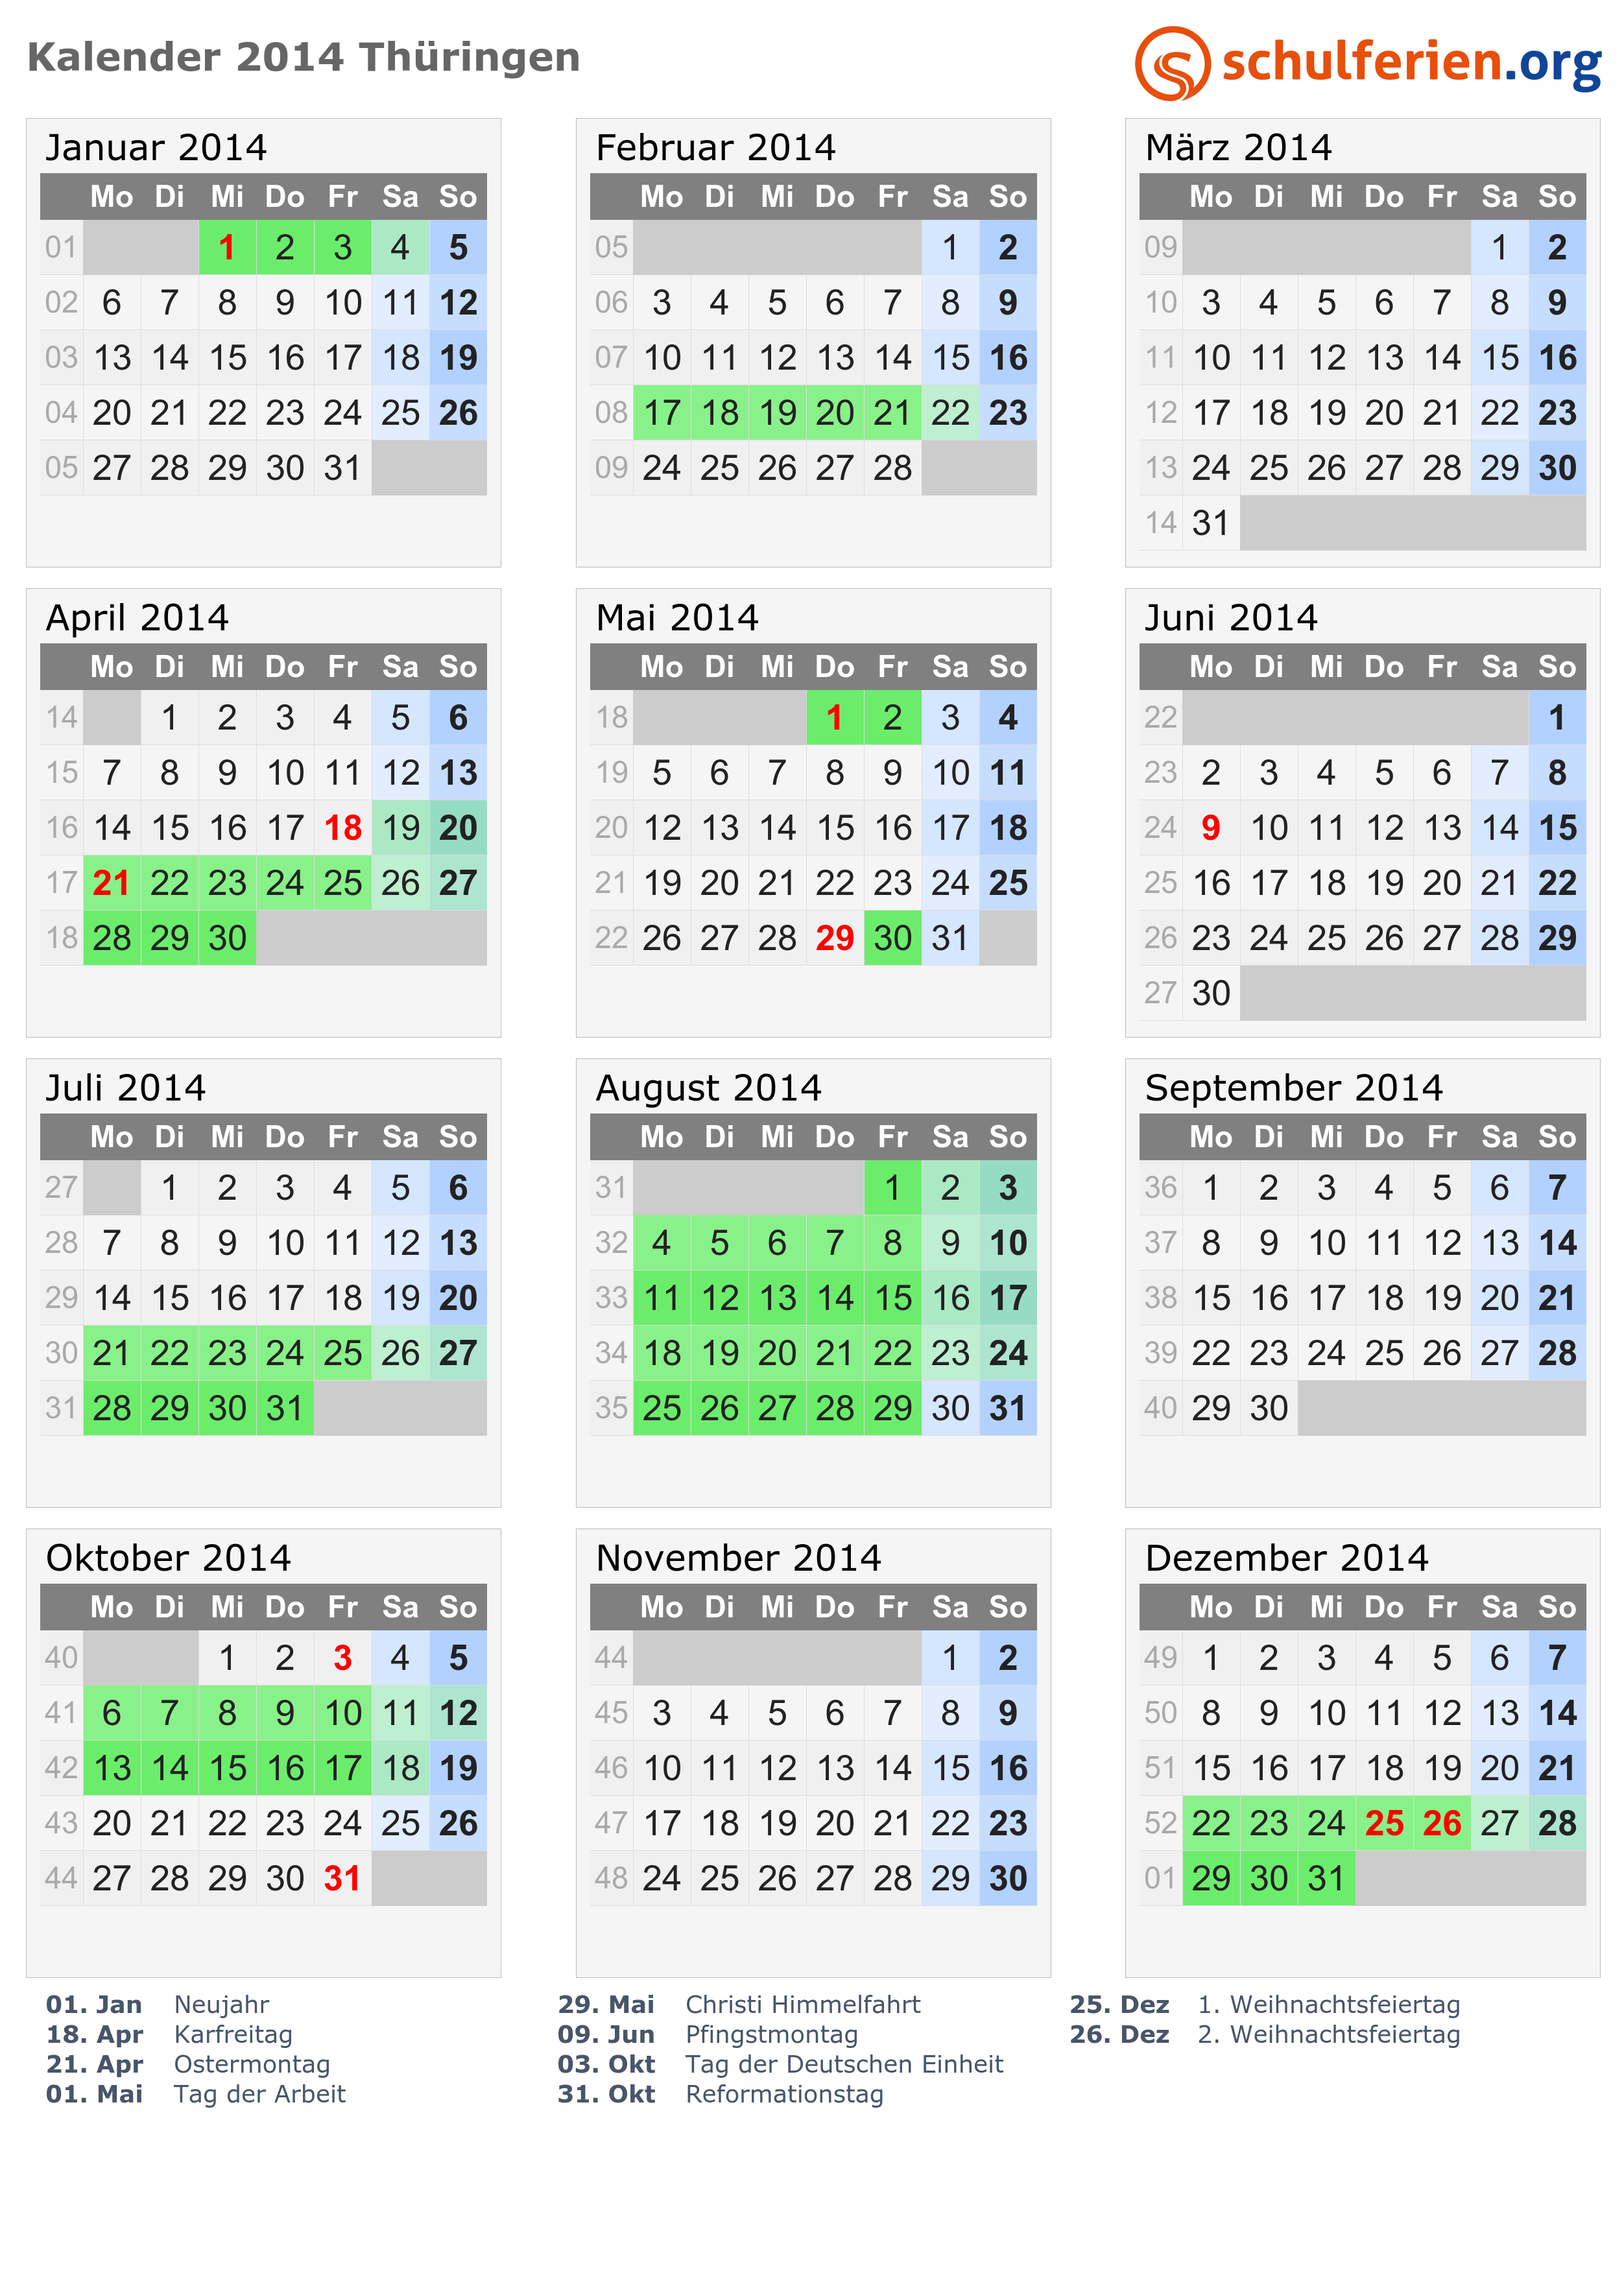 Großartig Monatsvorlage Für 2015 Kalender Zeitgenössisch - Entry ...